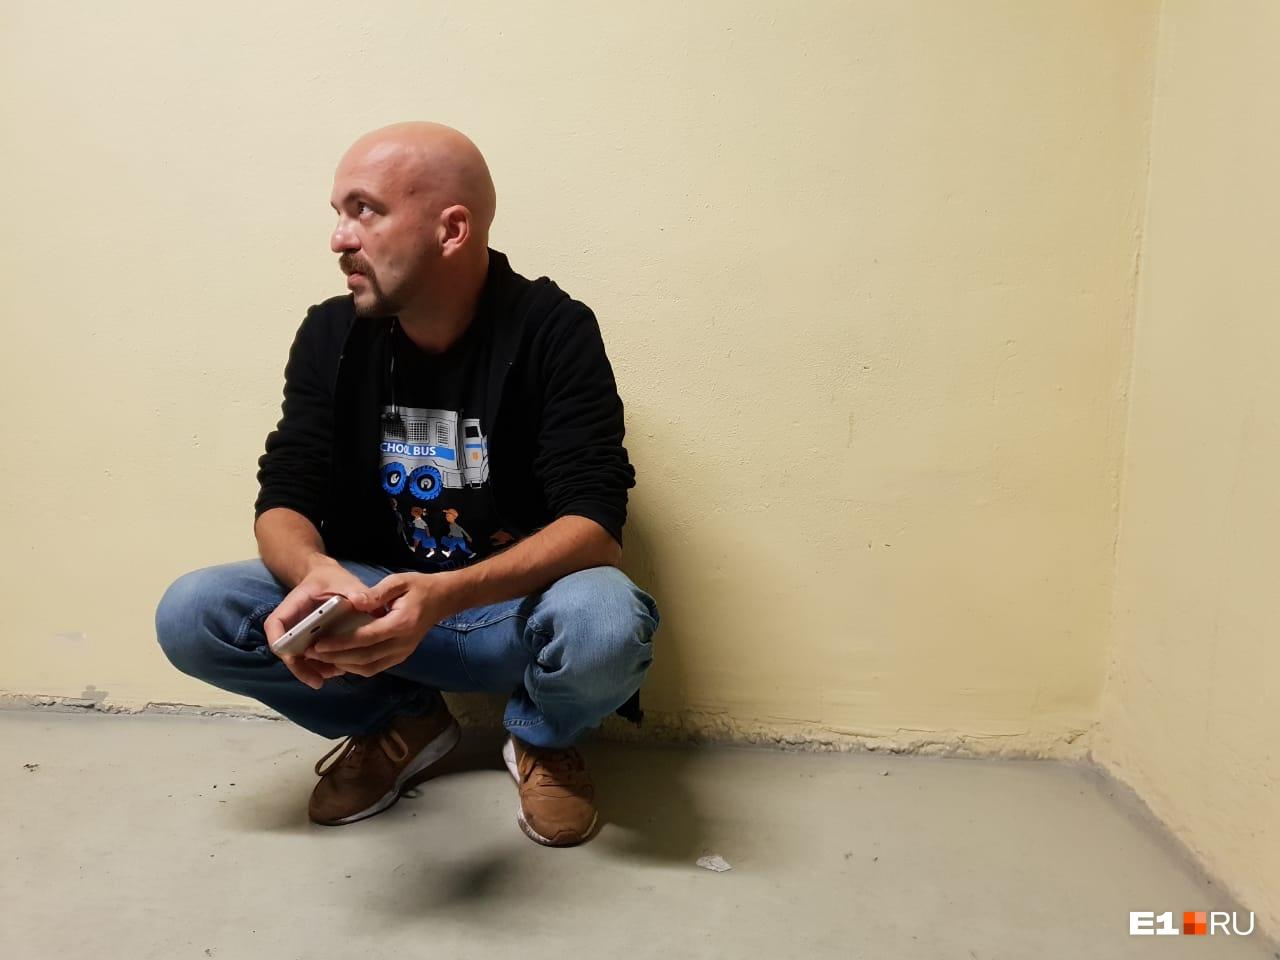 Коллегу с 66.RU Дмитрия Антоненкова задержали раньше, чем меня, но итог тот же — протокол и повестка в суд